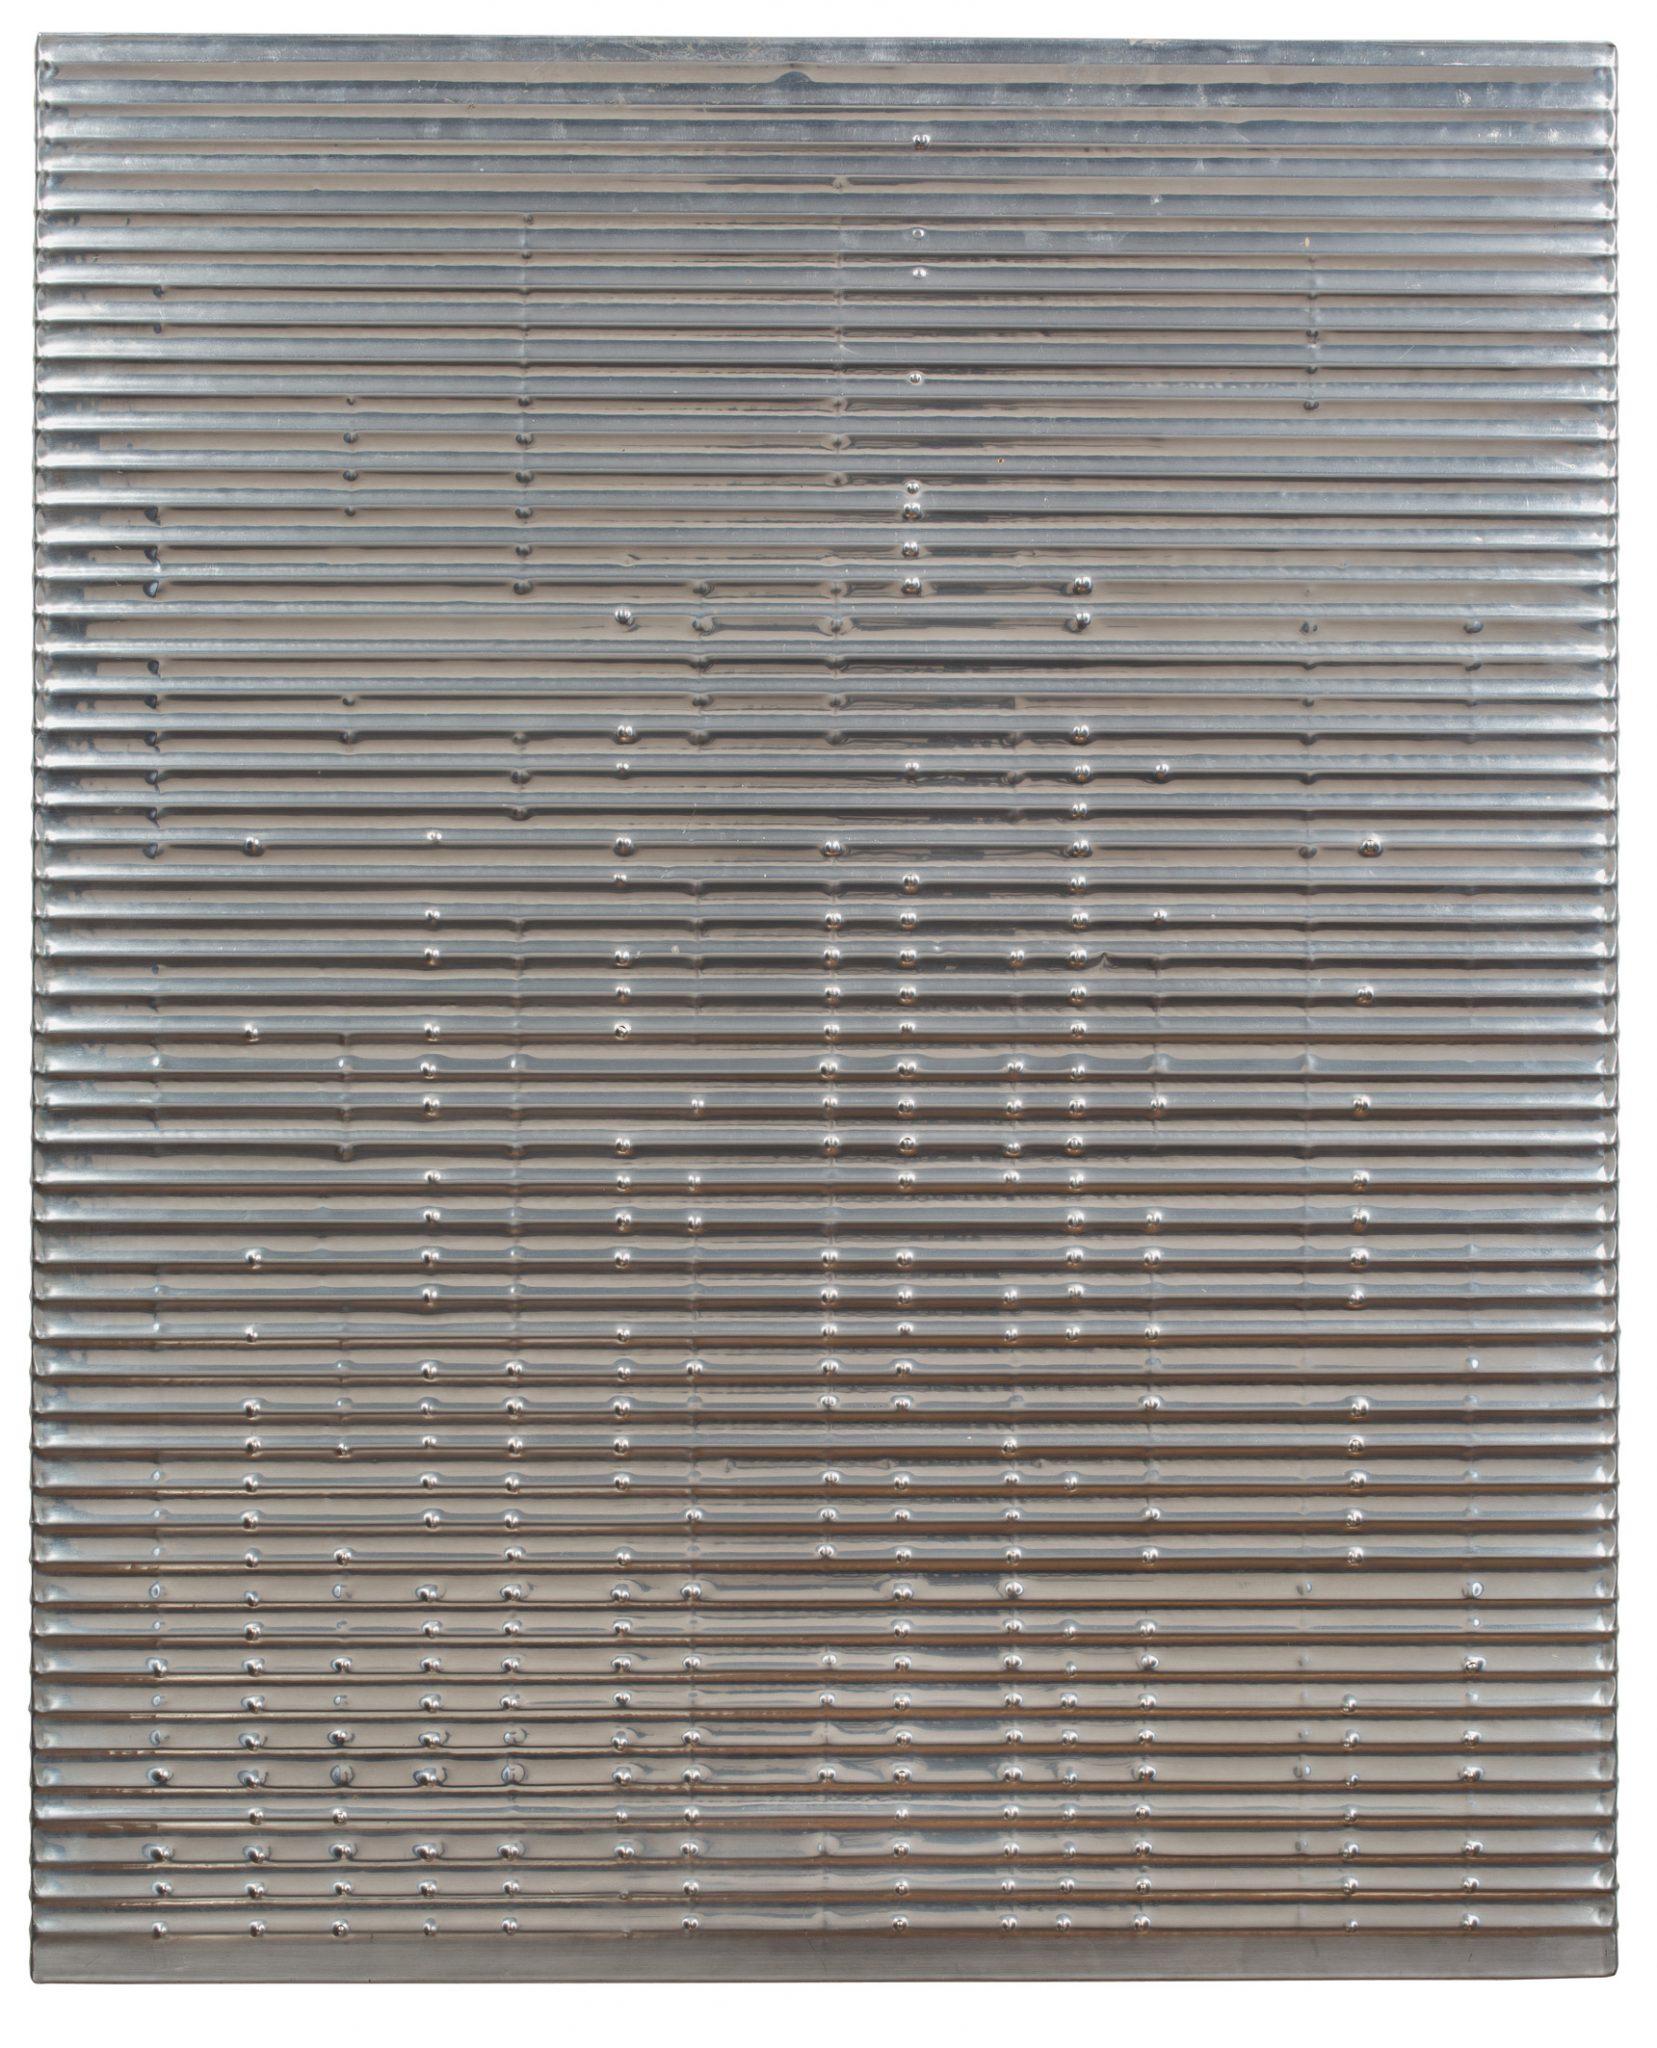 Lichtrelief, 1961, 75.2x61,5x1,5